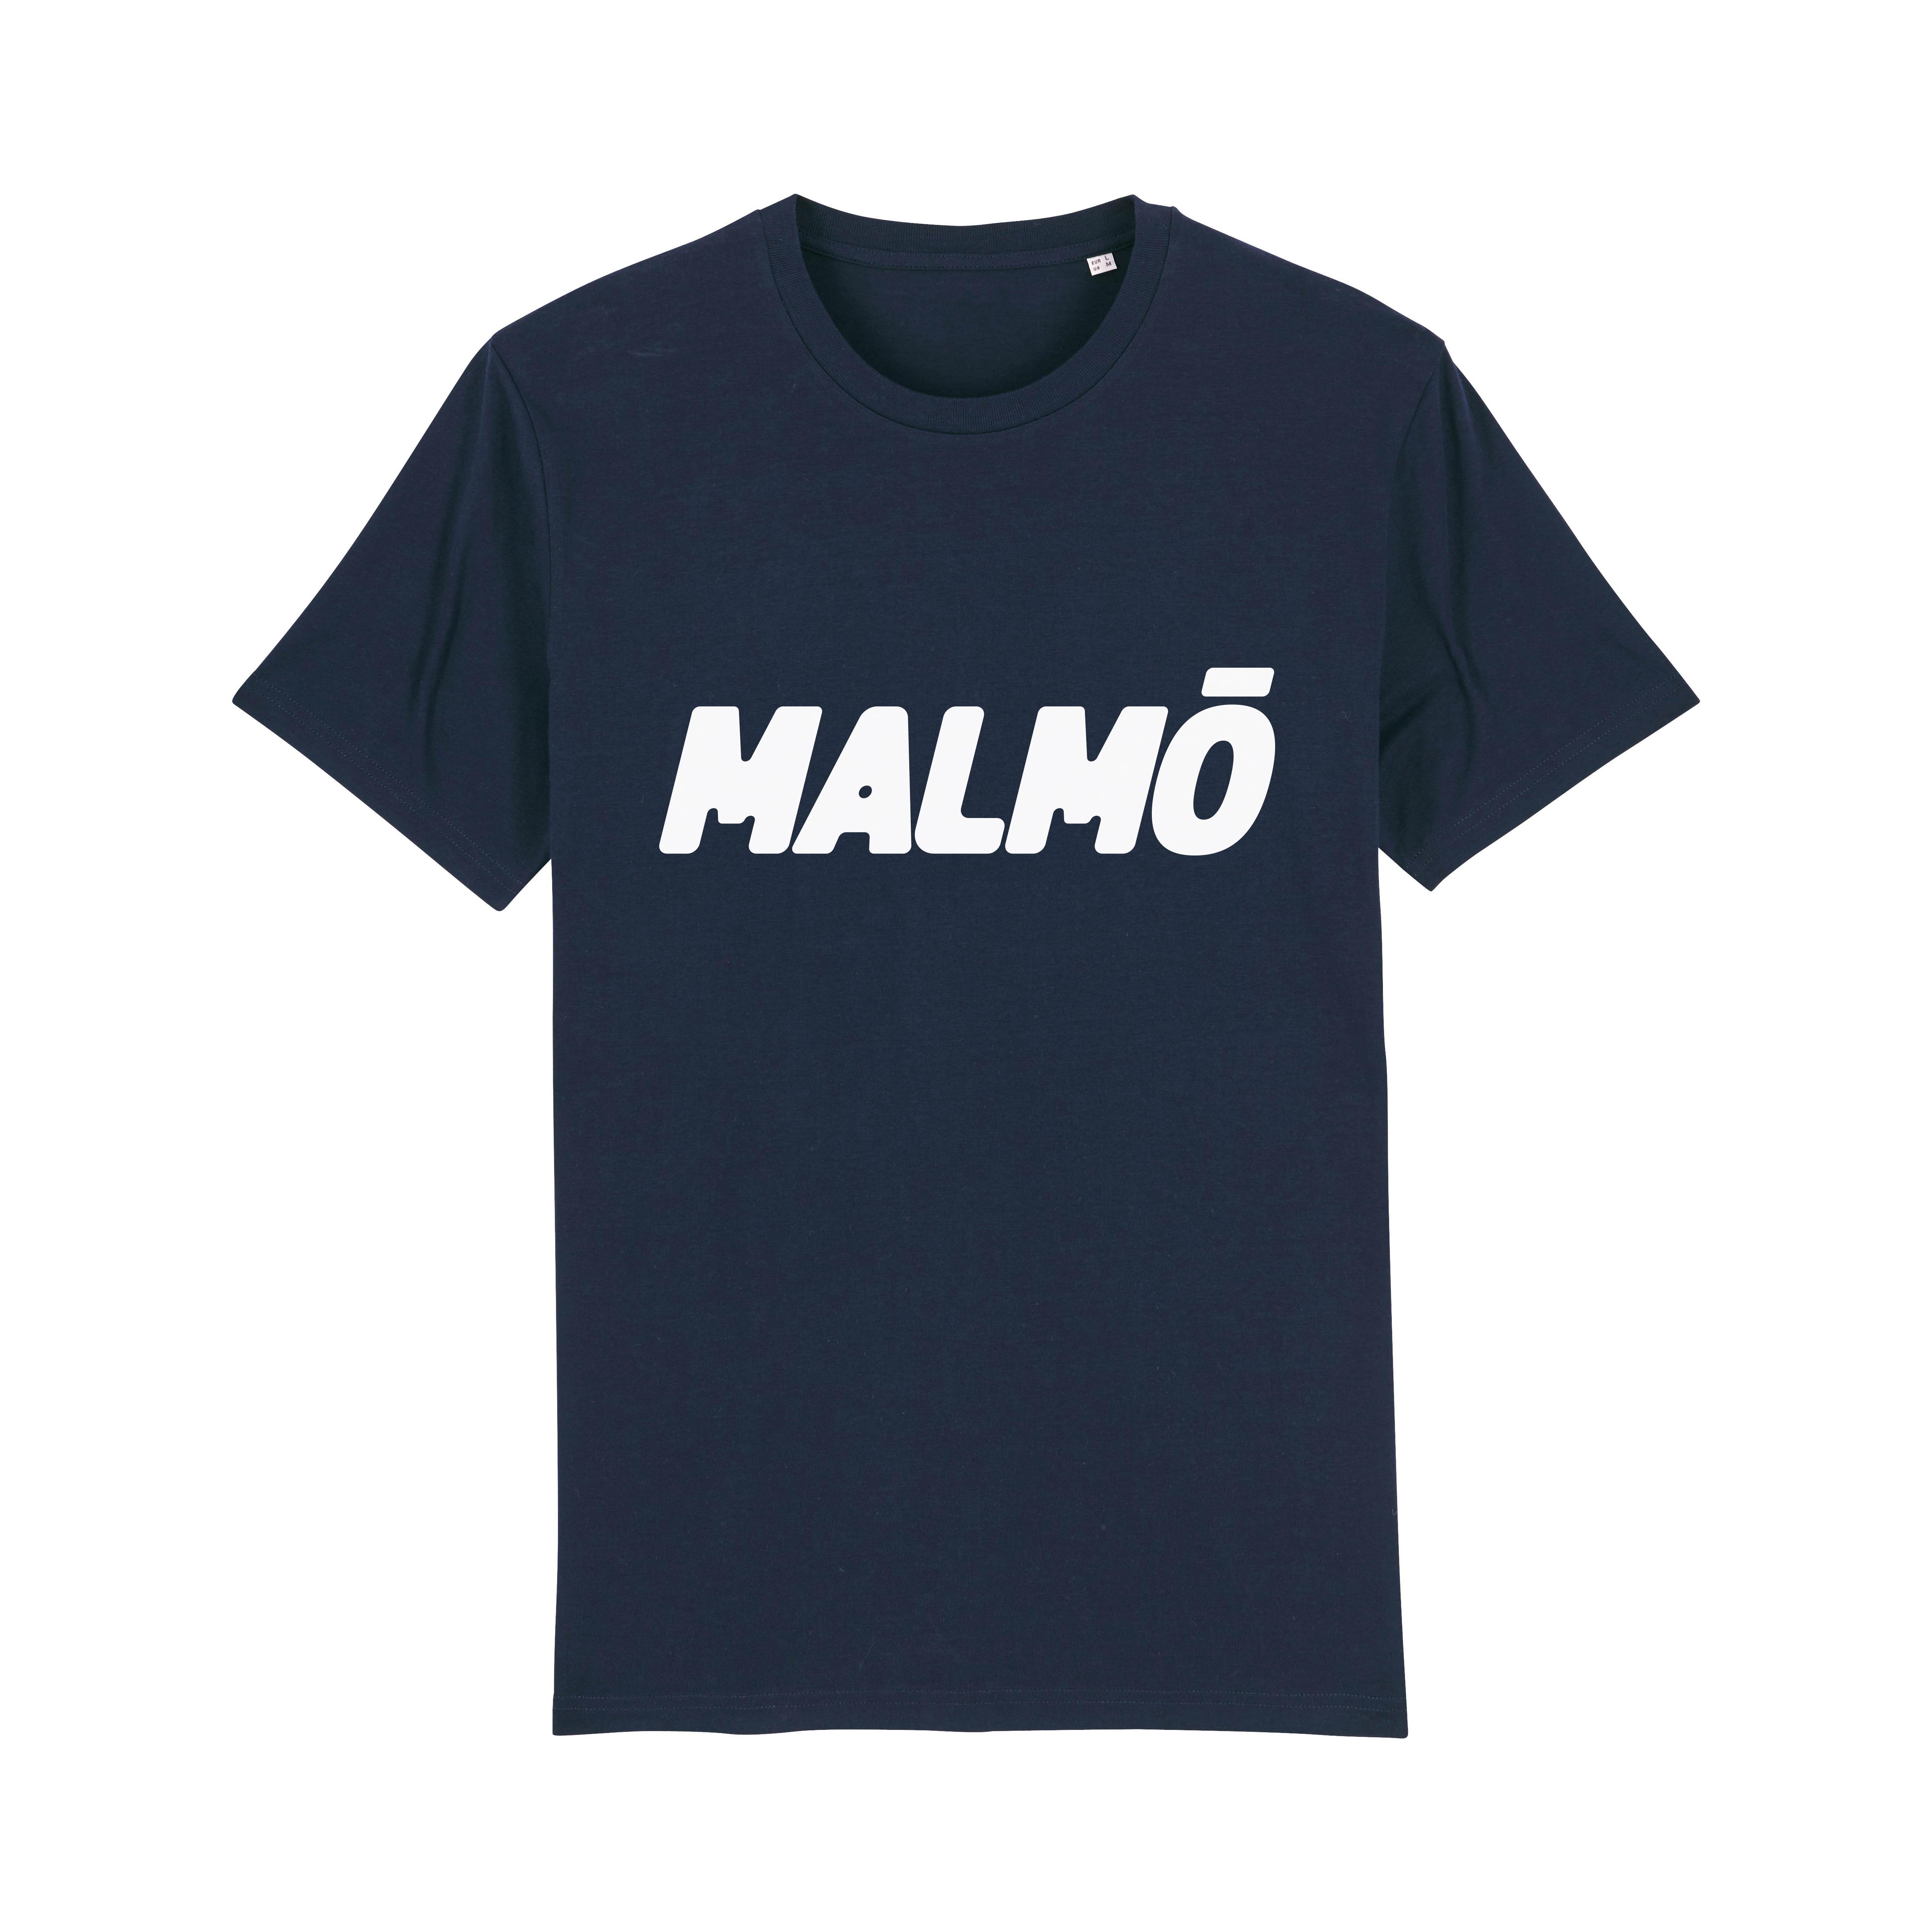 MALMÖ - T-shirt Navy